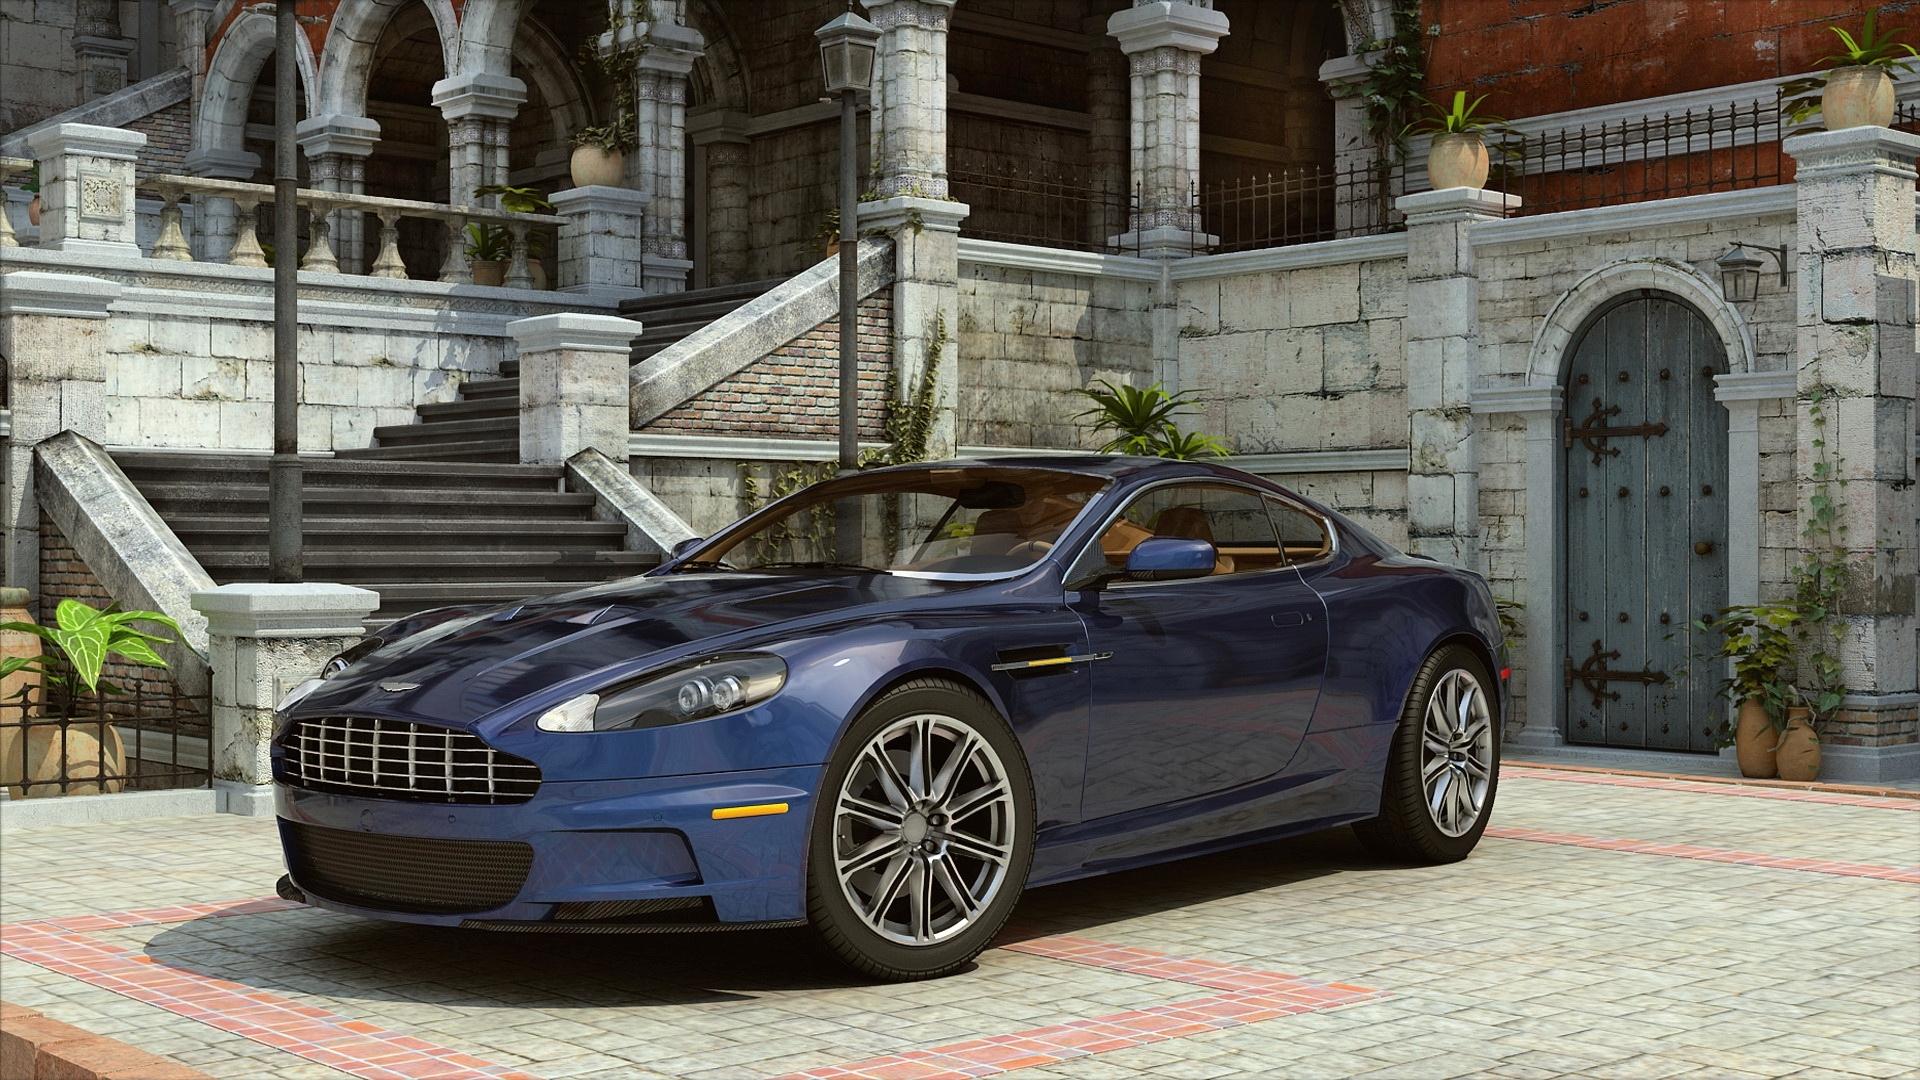 26623 скачать обои Транспорт, Машины, Астон Мартин (Aston Martin) - заставки и картинки бесплатно